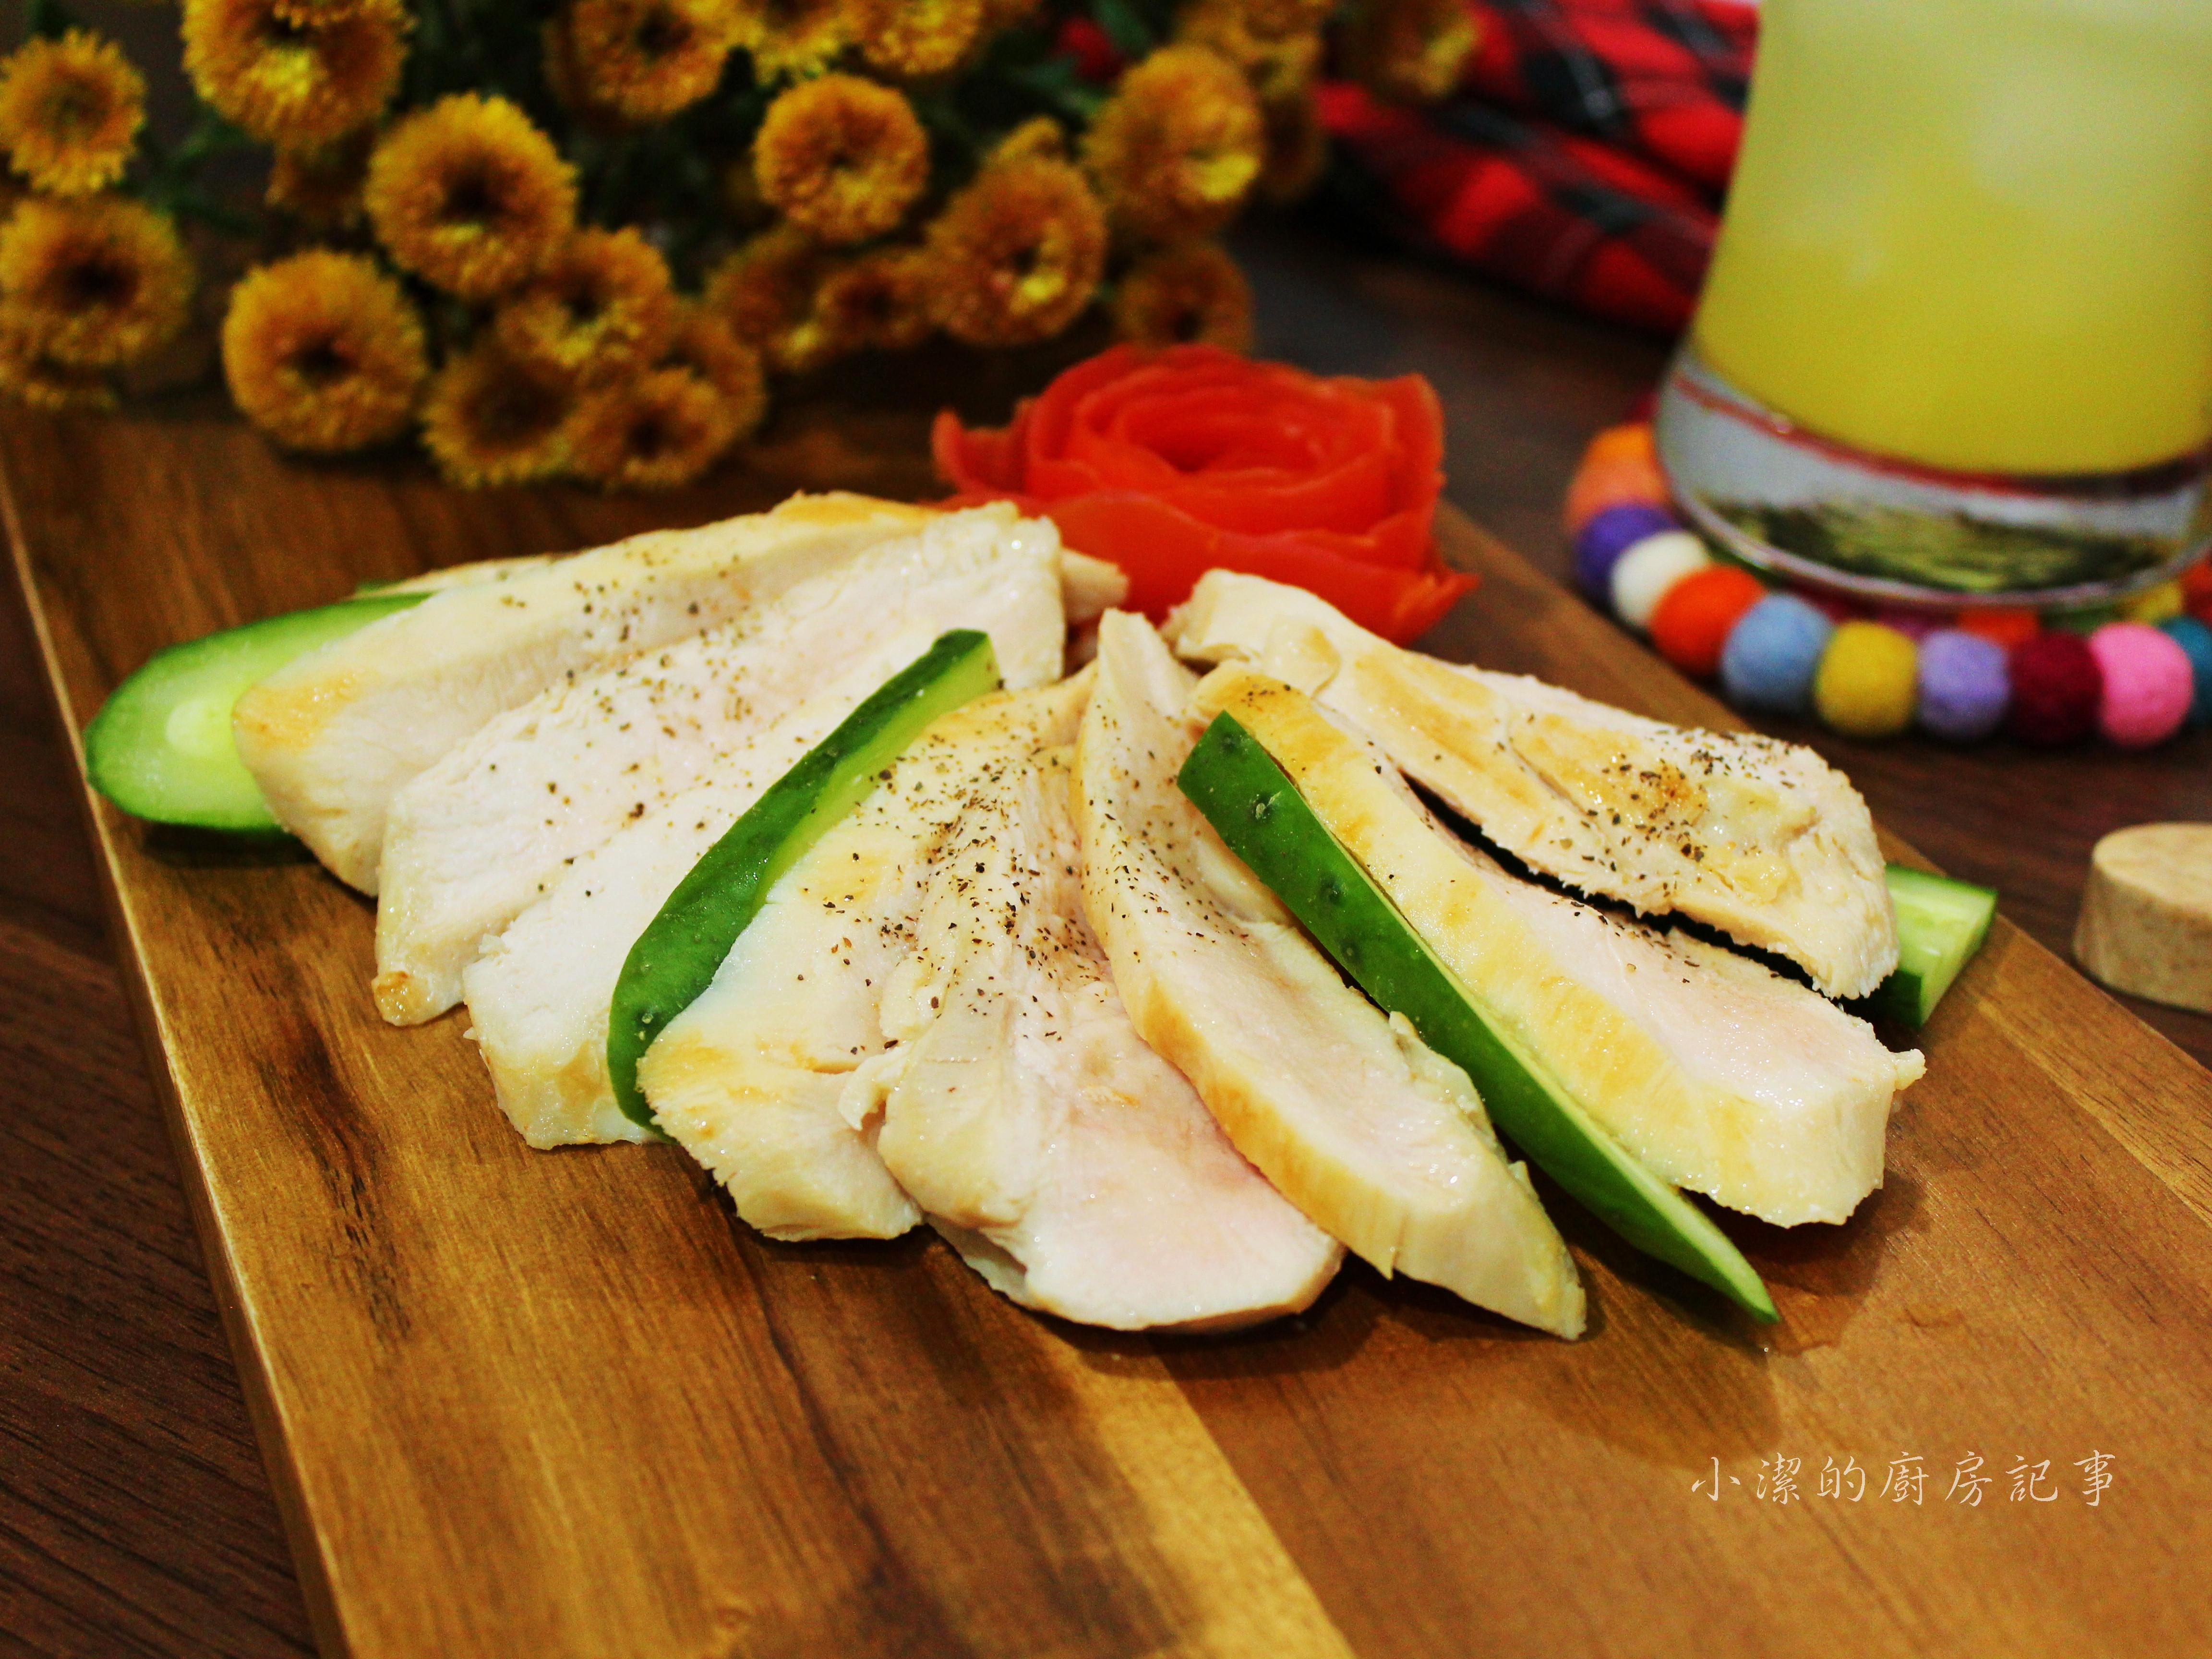 【薩索雞】奶油雞胸肉